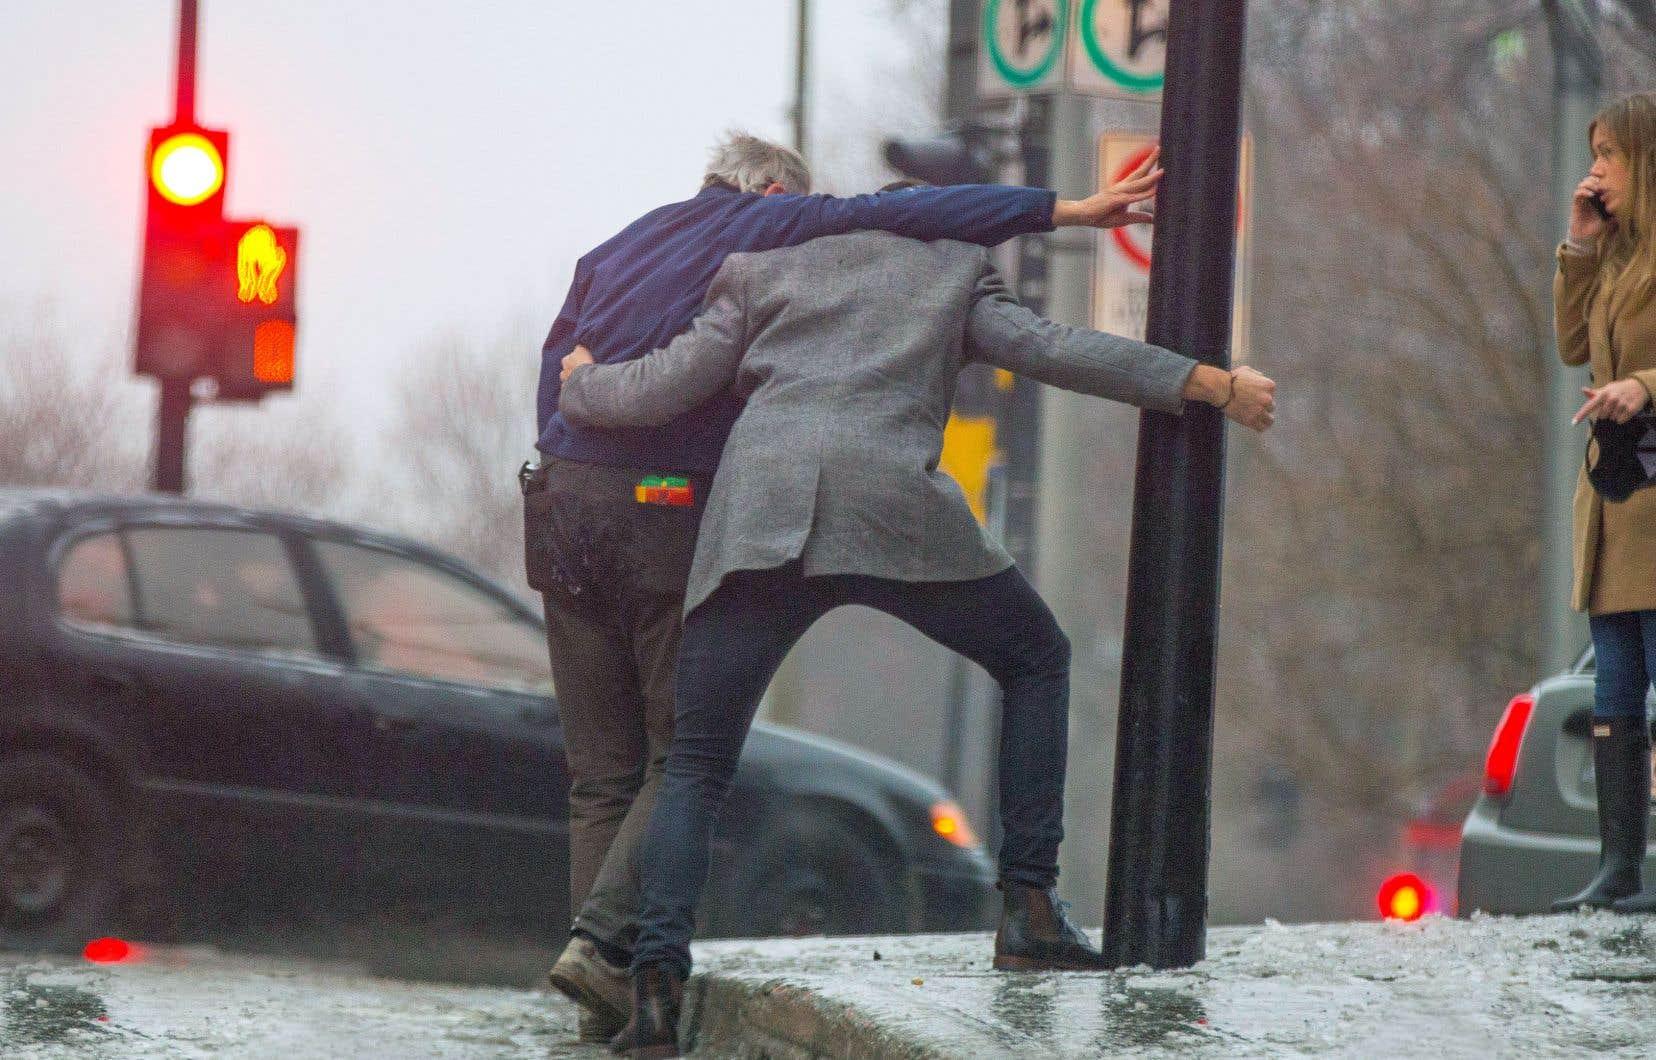 Les risques de chute décuplent en hiver. Des croûtes de glace restent parfois pendant des jours, voire des semaines, sur les trottoirs. Et les conséquences peuvent être plus graves pour une personne âgée. C'est pourquoi Stéphanie Gamache, ergothérapeute et chercheuse postdoctorale, recommande que tout le monde fasse un geste pour aider une personne vulnérable.